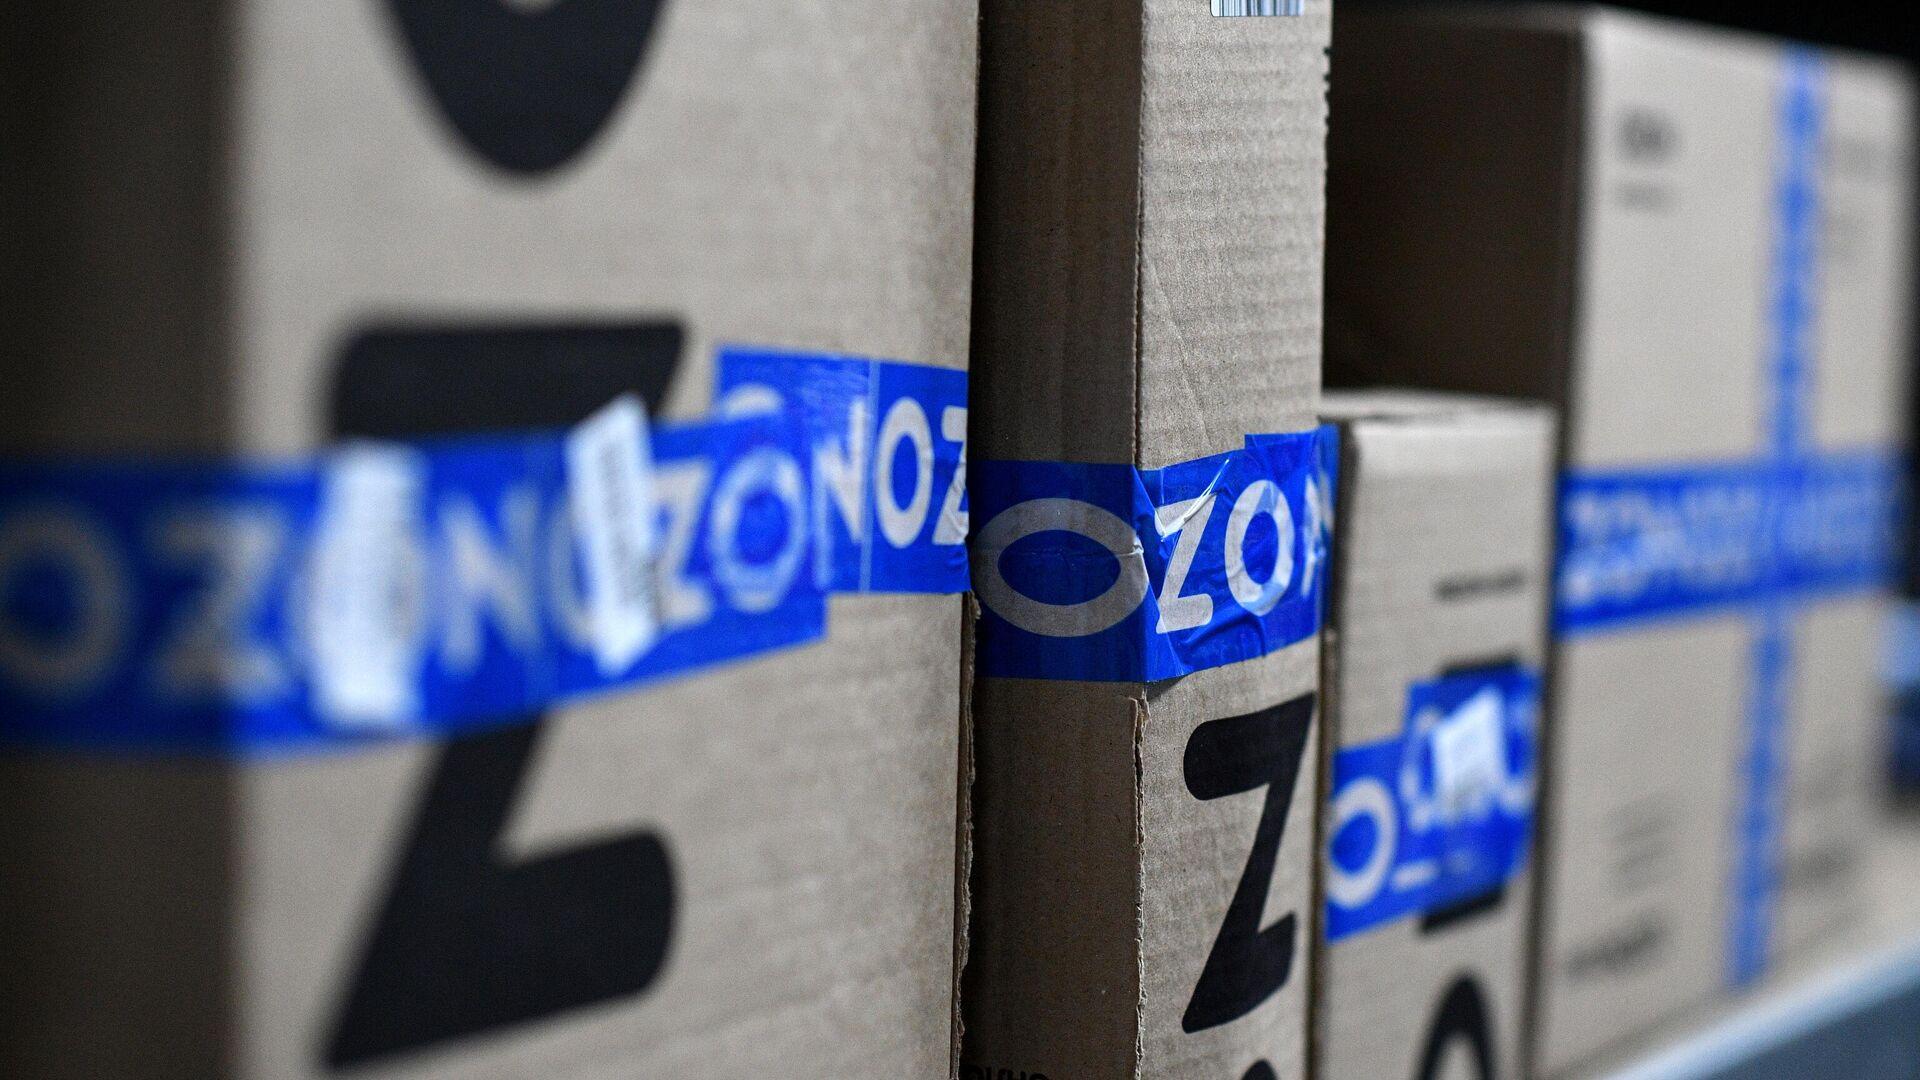 Заказы покупателей на складе в пункте выдачи интернет-магазина OZON в Москве - РИА Новости, 1920, 12.04.2021